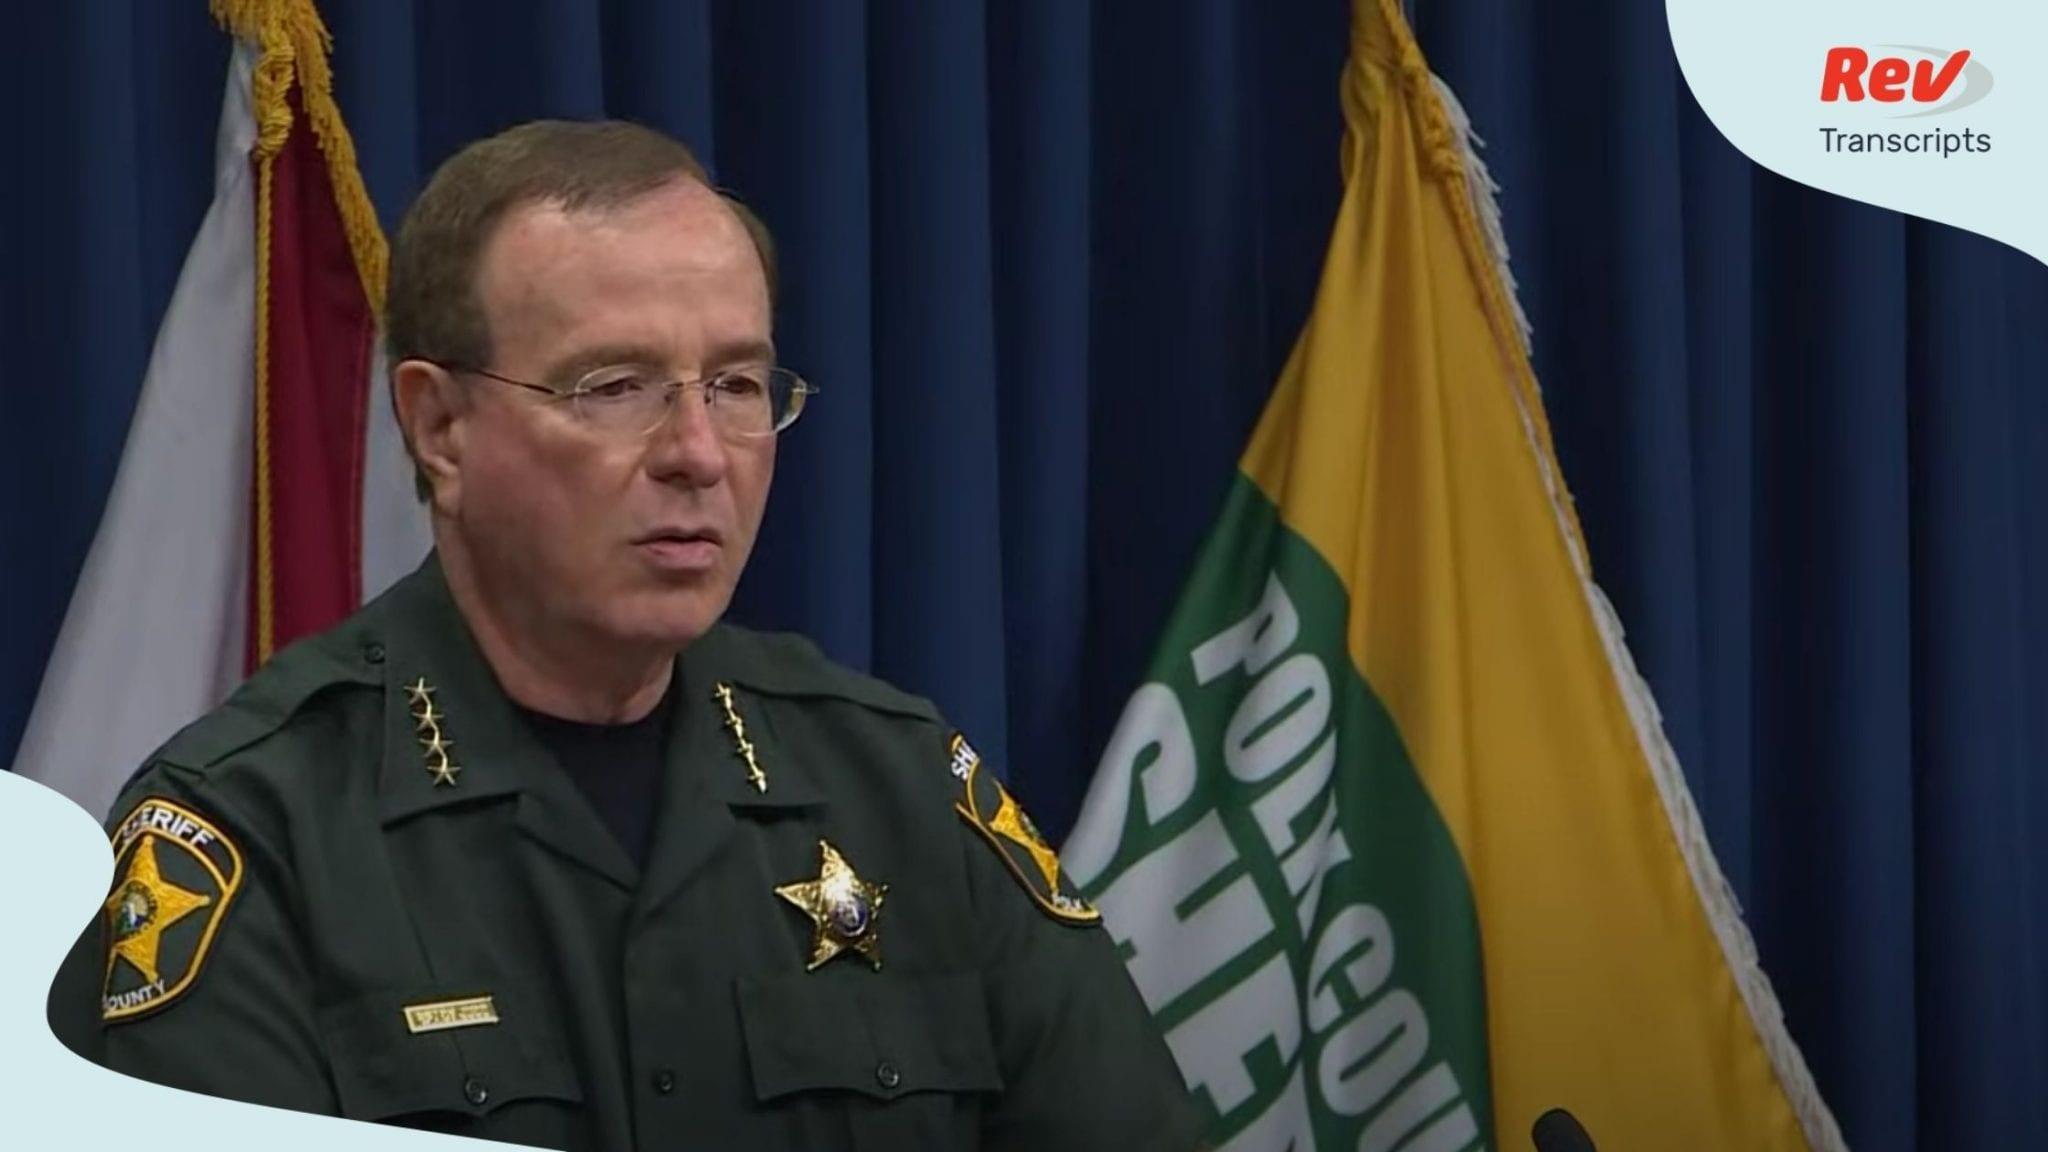 Sheriff Grady Judd gave a press conference July 22